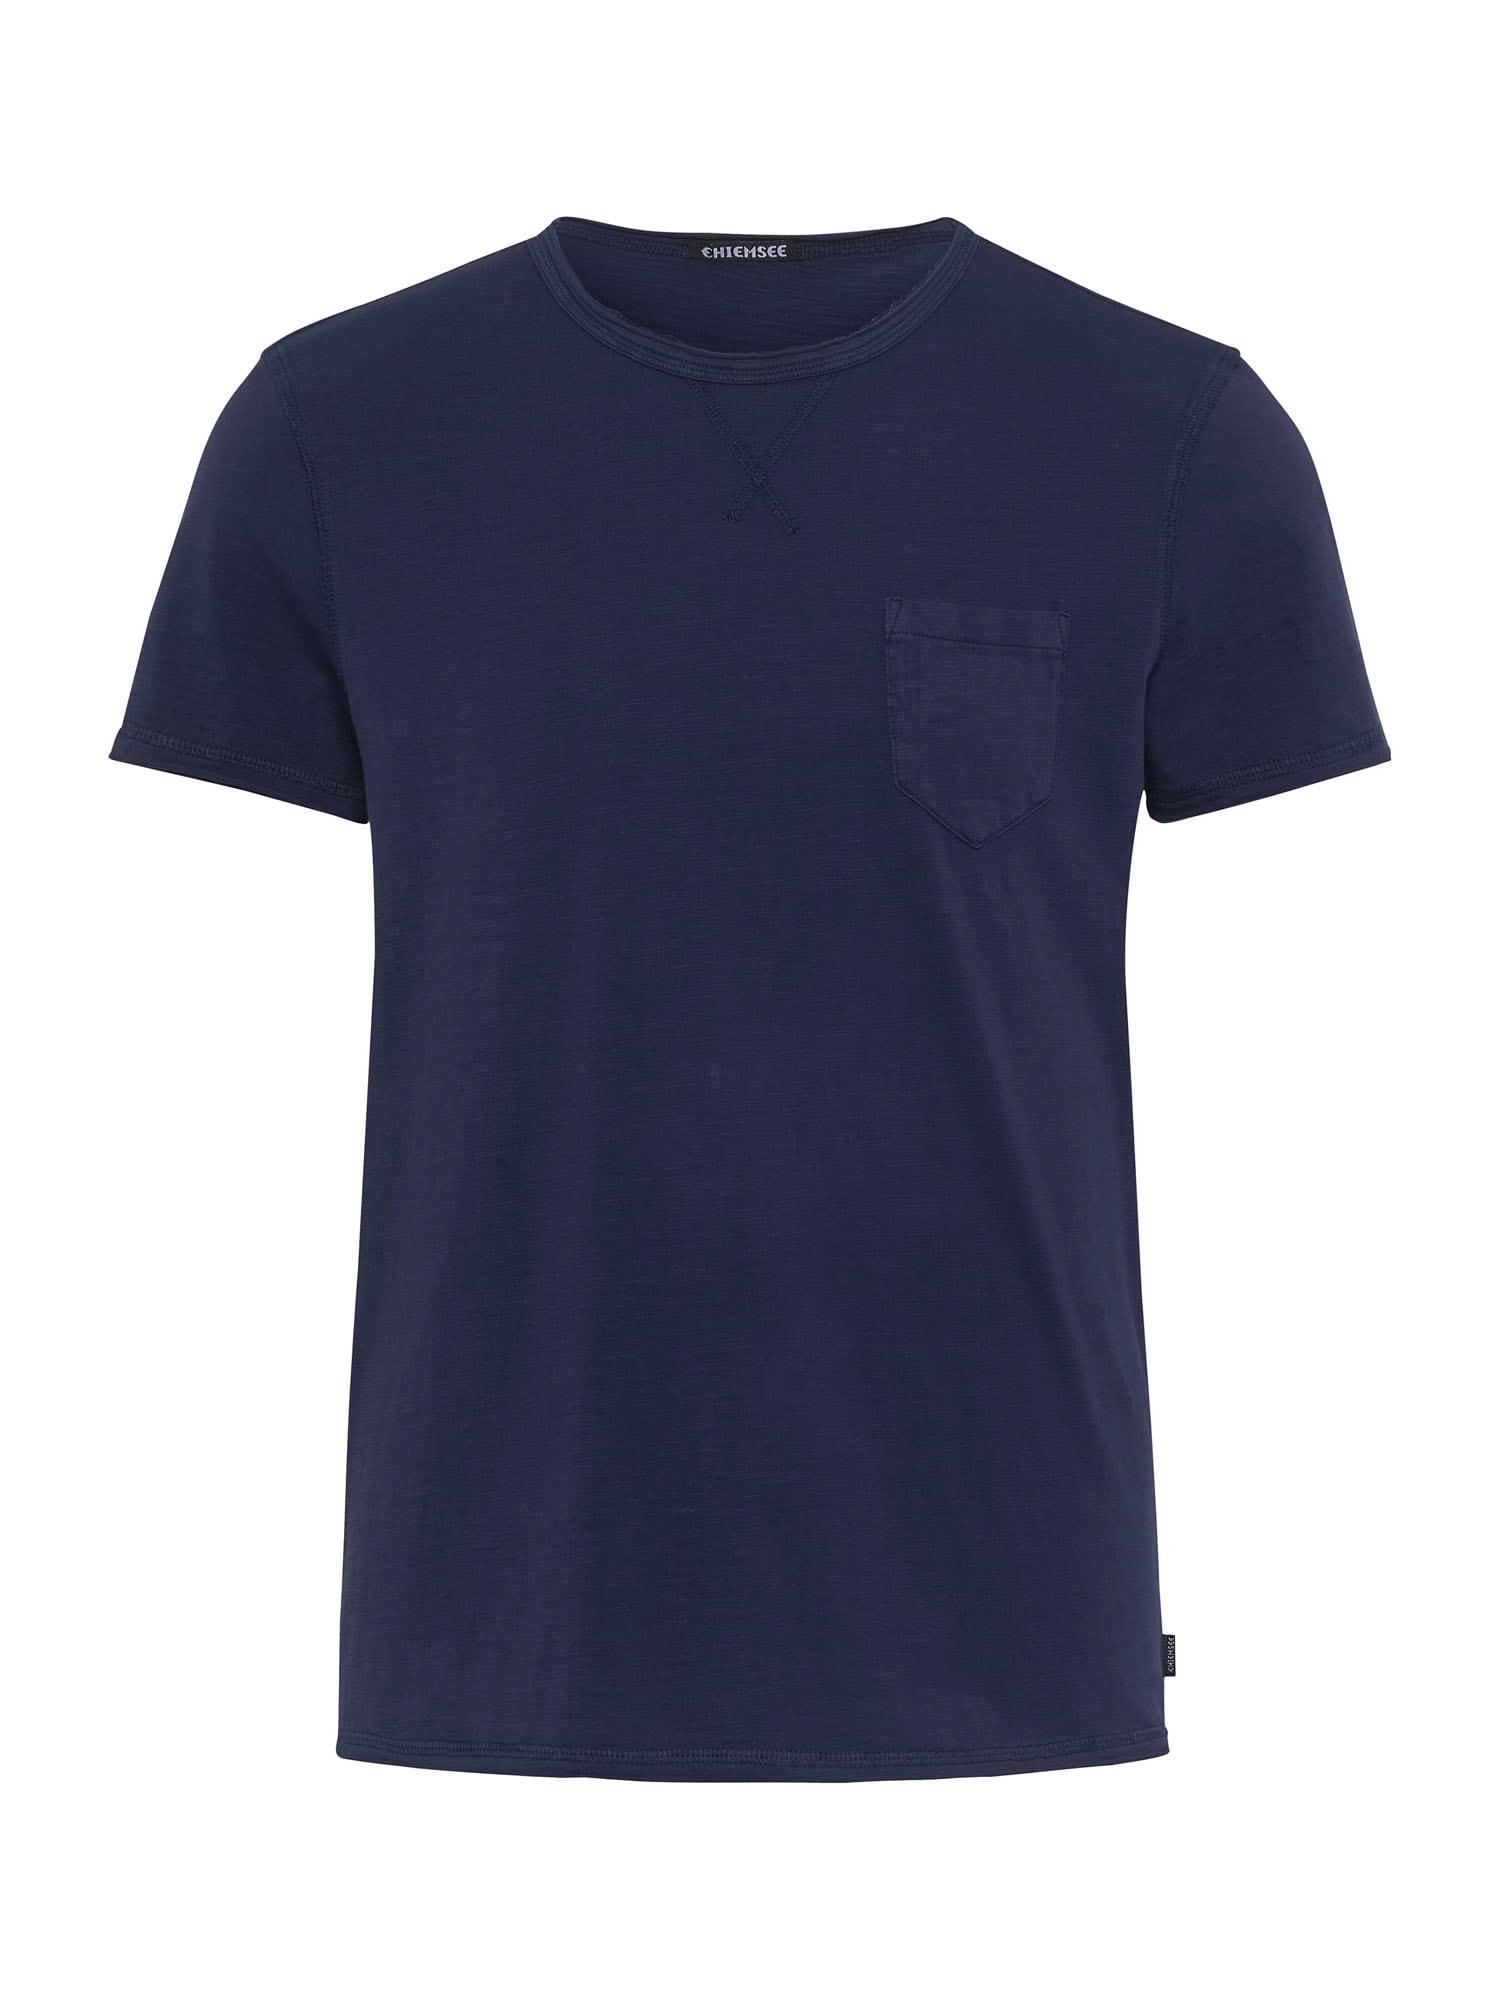 CHIEMSEE Marškinėliai nakties mėlyna